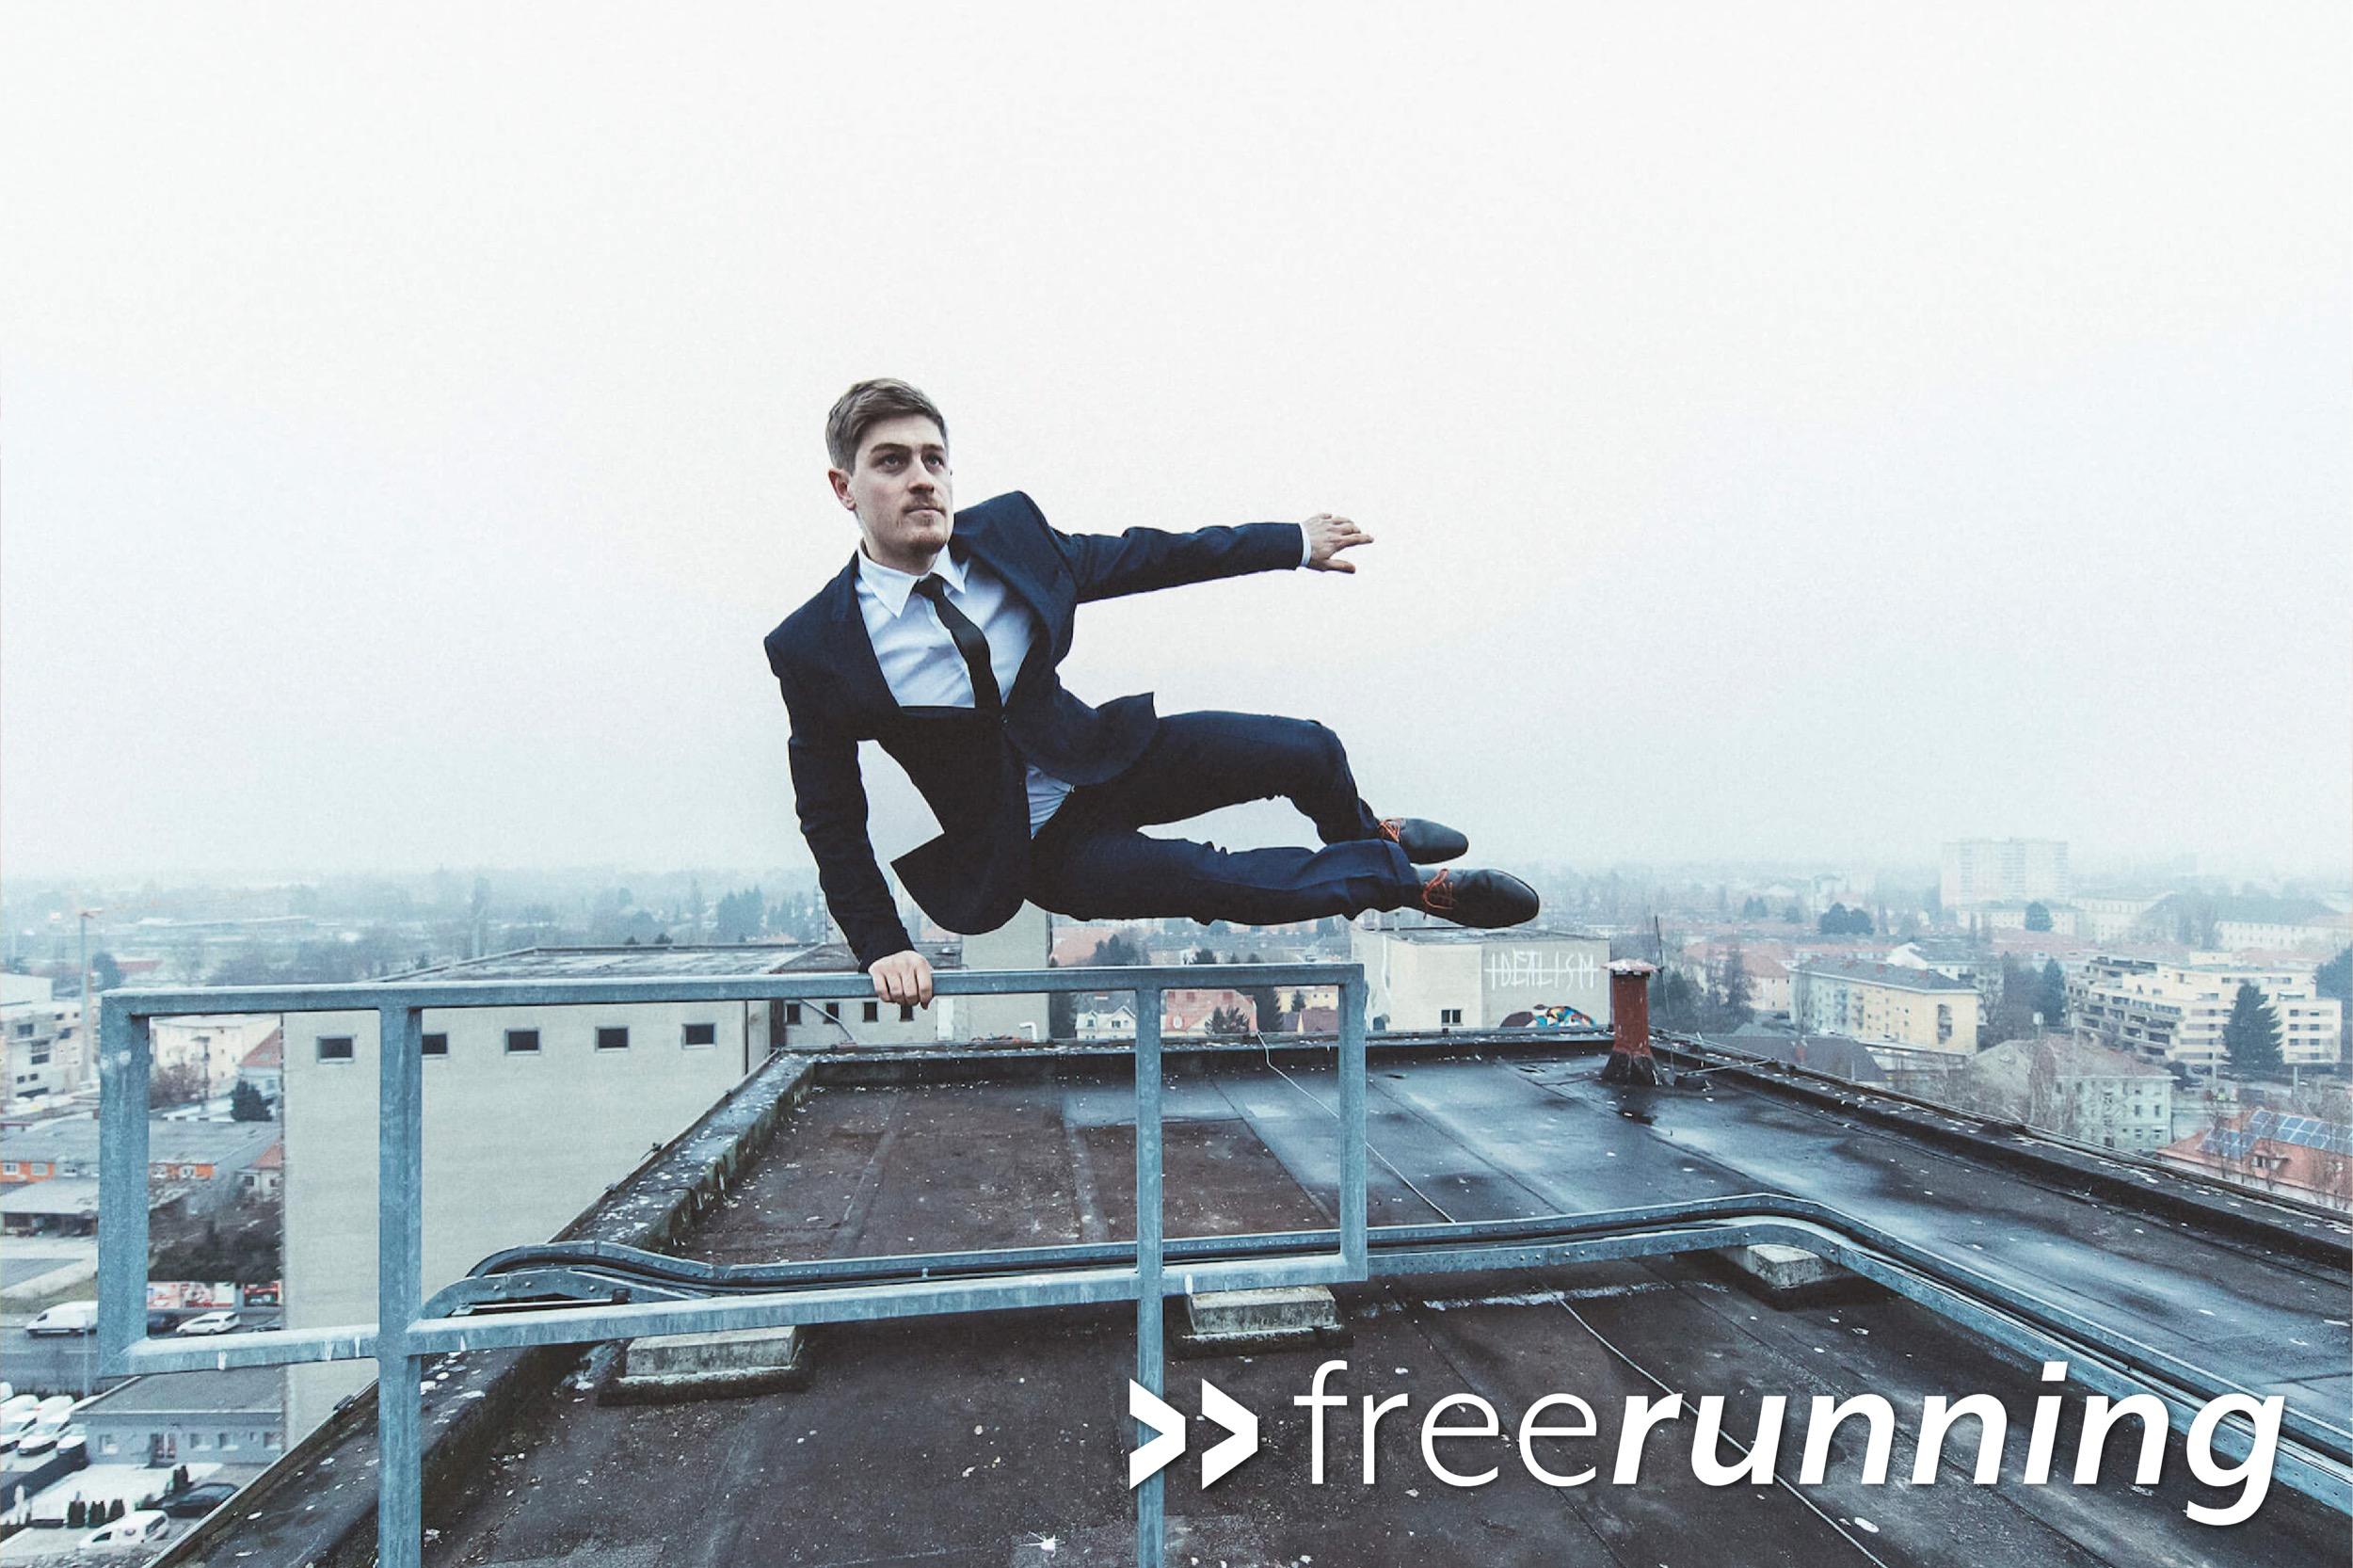 Freerunning_BANNER.jpg